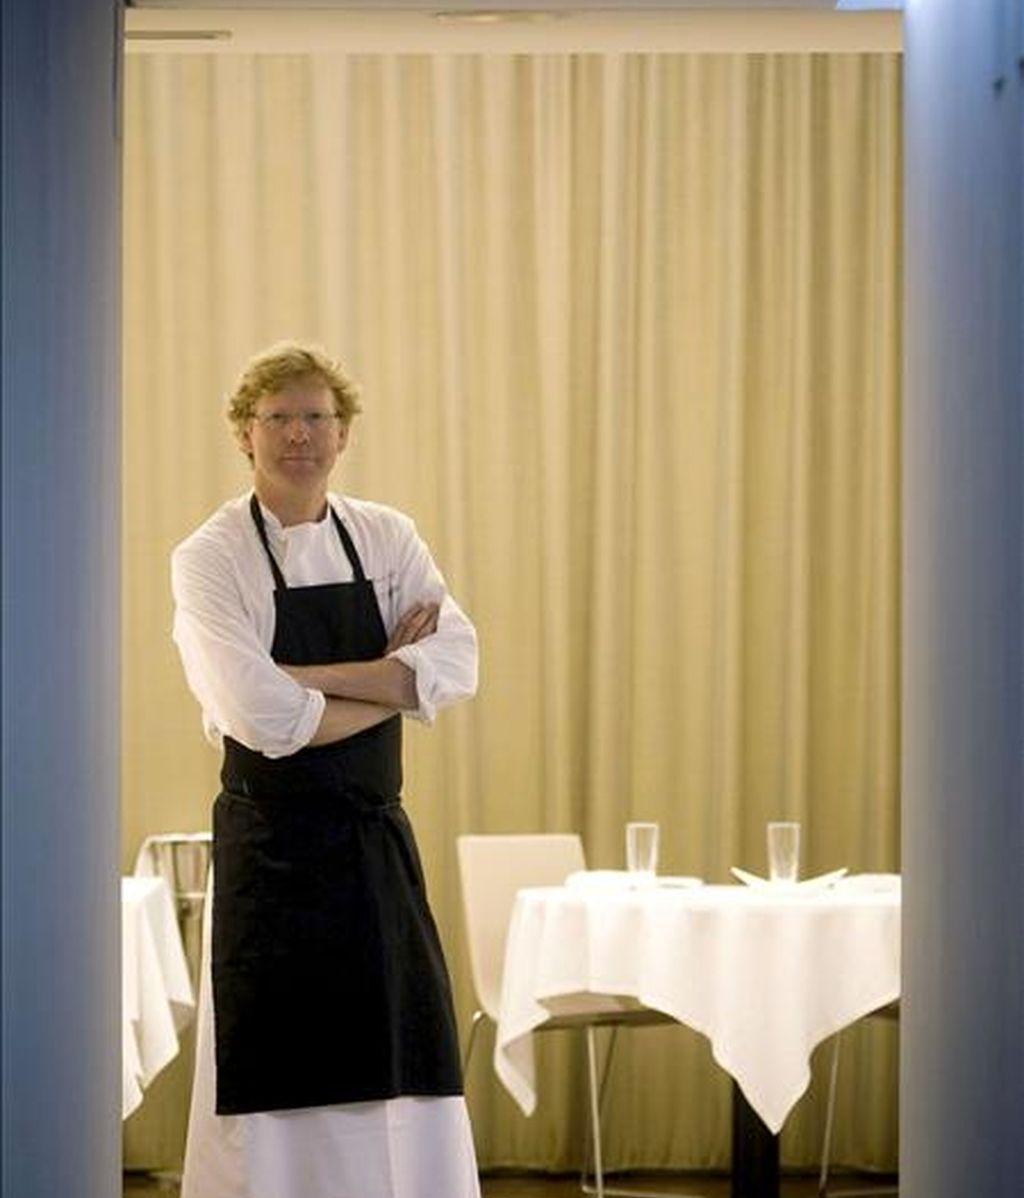 El cocinero alemán Bernd Knöller en su restaurante, Riff, es uno de los cocineros más reputados de Valencia, con una trayectoria profesional de 32 años de los que la mitad los ha desarrollado en esta capital, adónde llegó sin apenas nada más que una creatividad culinaria que ha desembocado en uno de los mayores reconocimientos gastronómicos. EFE/Kai Försterling